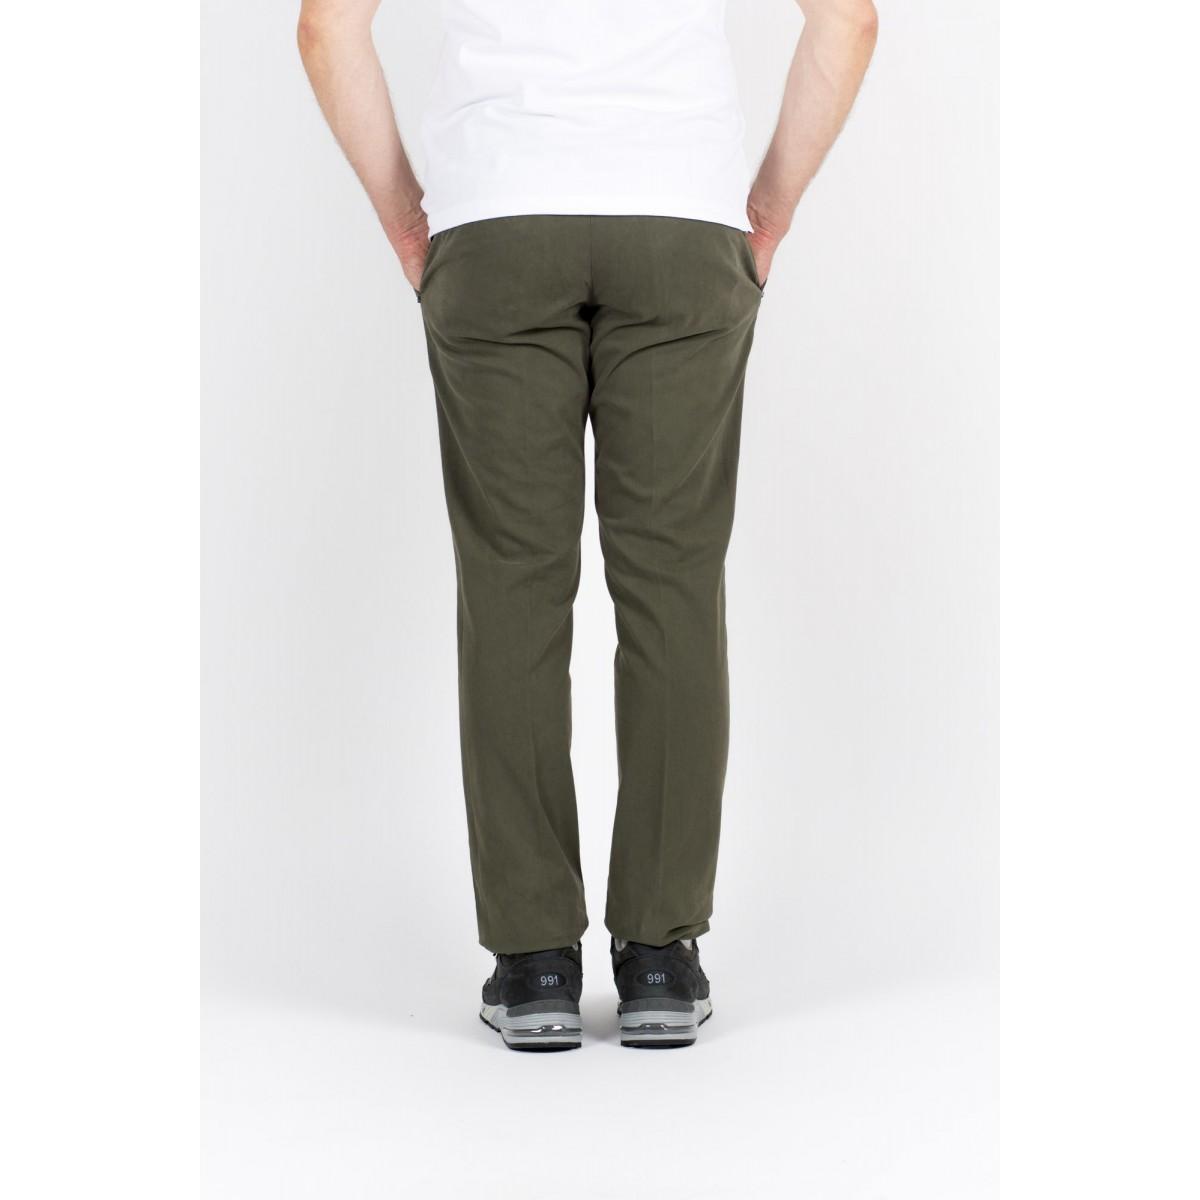 Trousers Entre Amis Man - A15 8201 902 - Verde